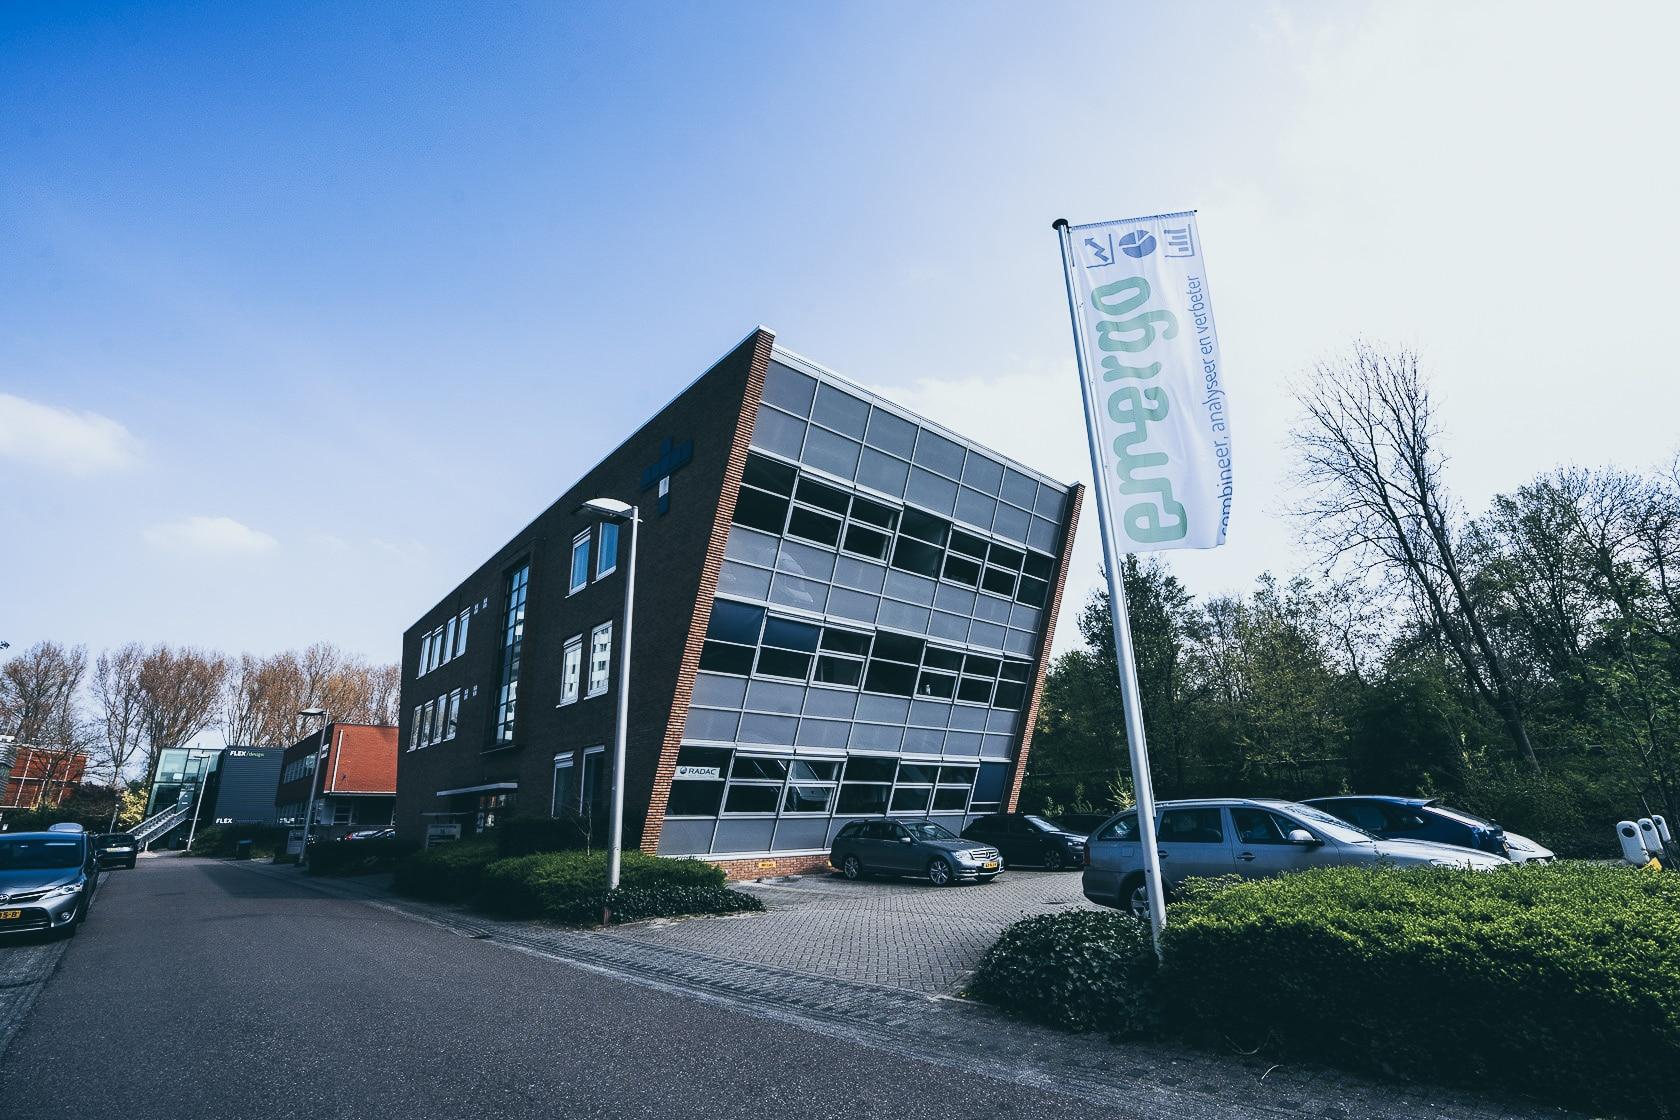 E-mergo Delft, E-mergo, E-mergo kantoor, E-mergo Qlik